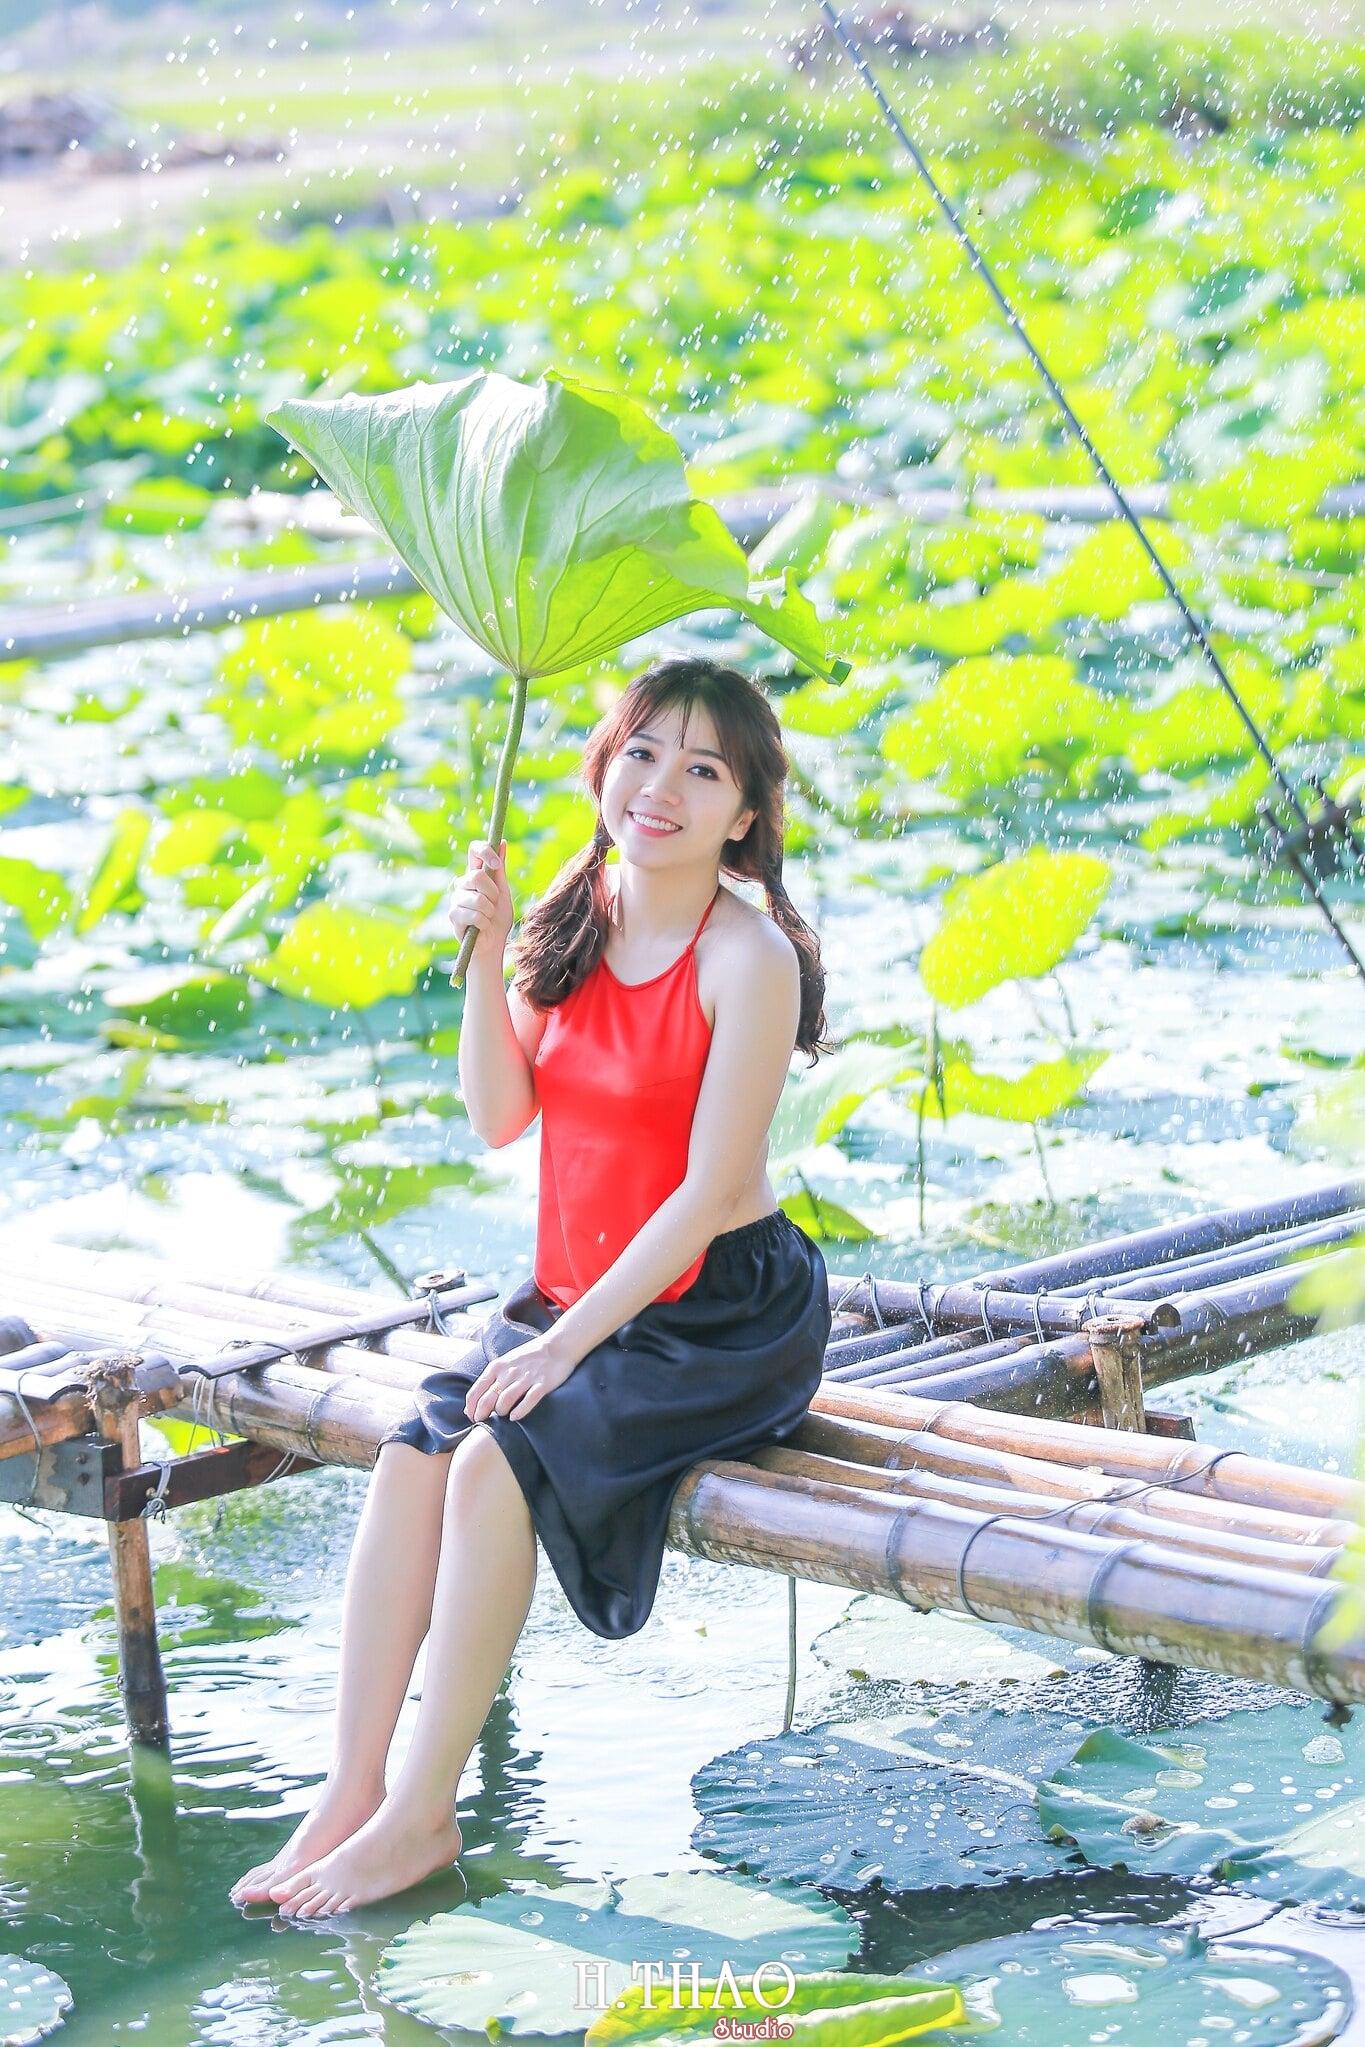 Hoa sen 13 - Tháng 6, chụp hình với hoa sen tại Tam đa quận 9 – Tp.HCM